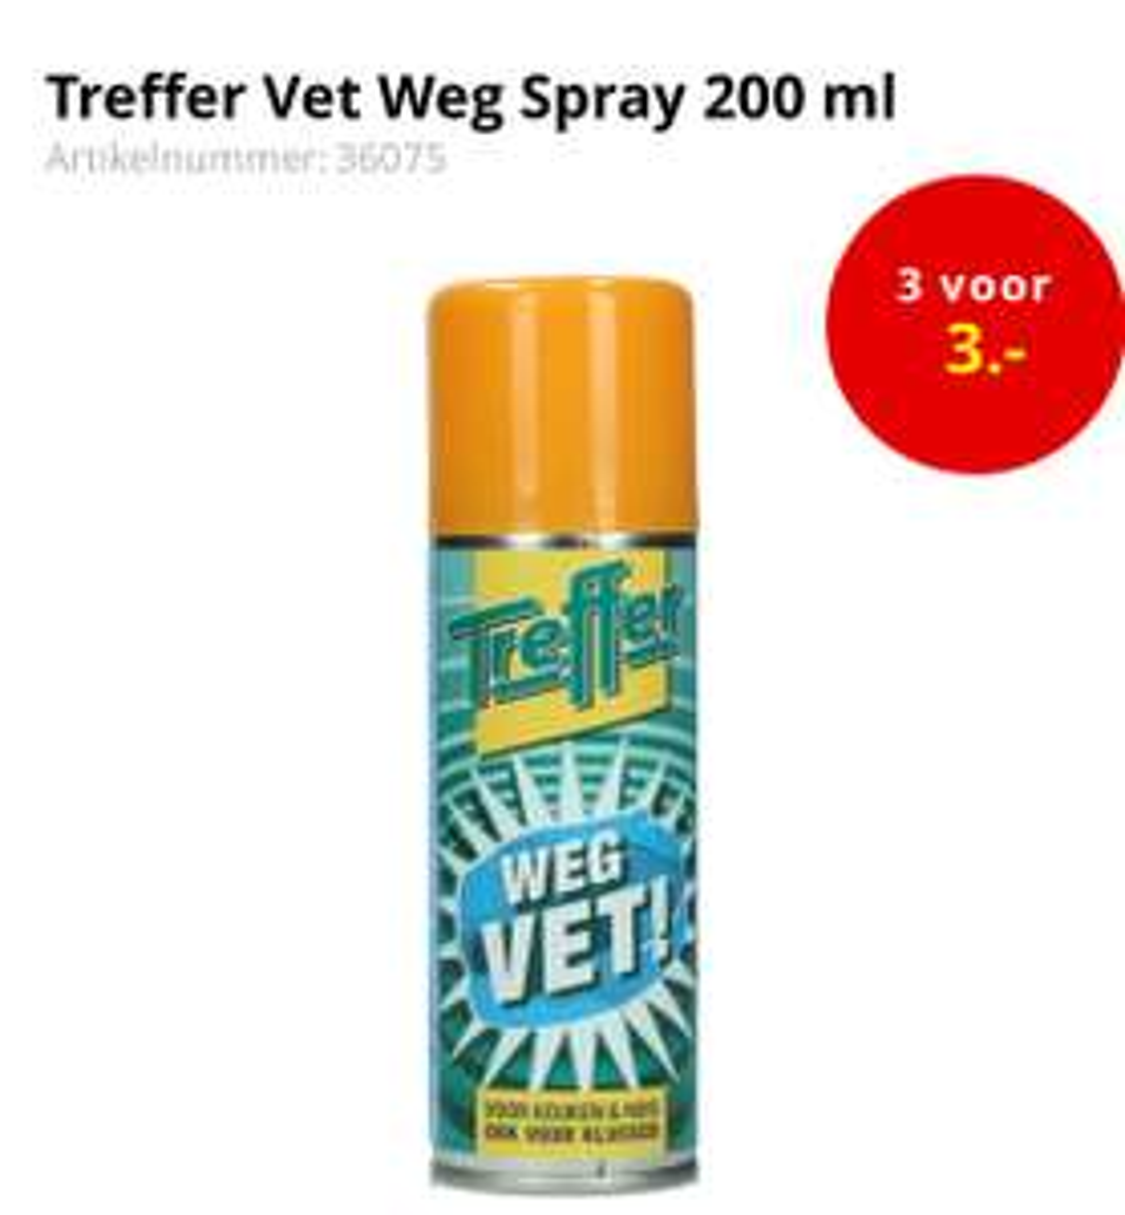 Treffer Vet Weg Spray 200 ml @opisopvoordeelshop